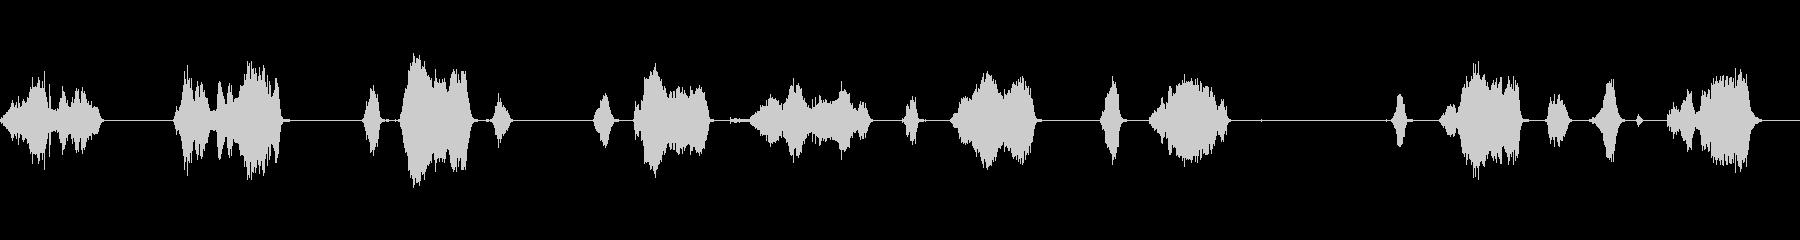 コーンブルーム、ロングストロークク...の未再生の波形